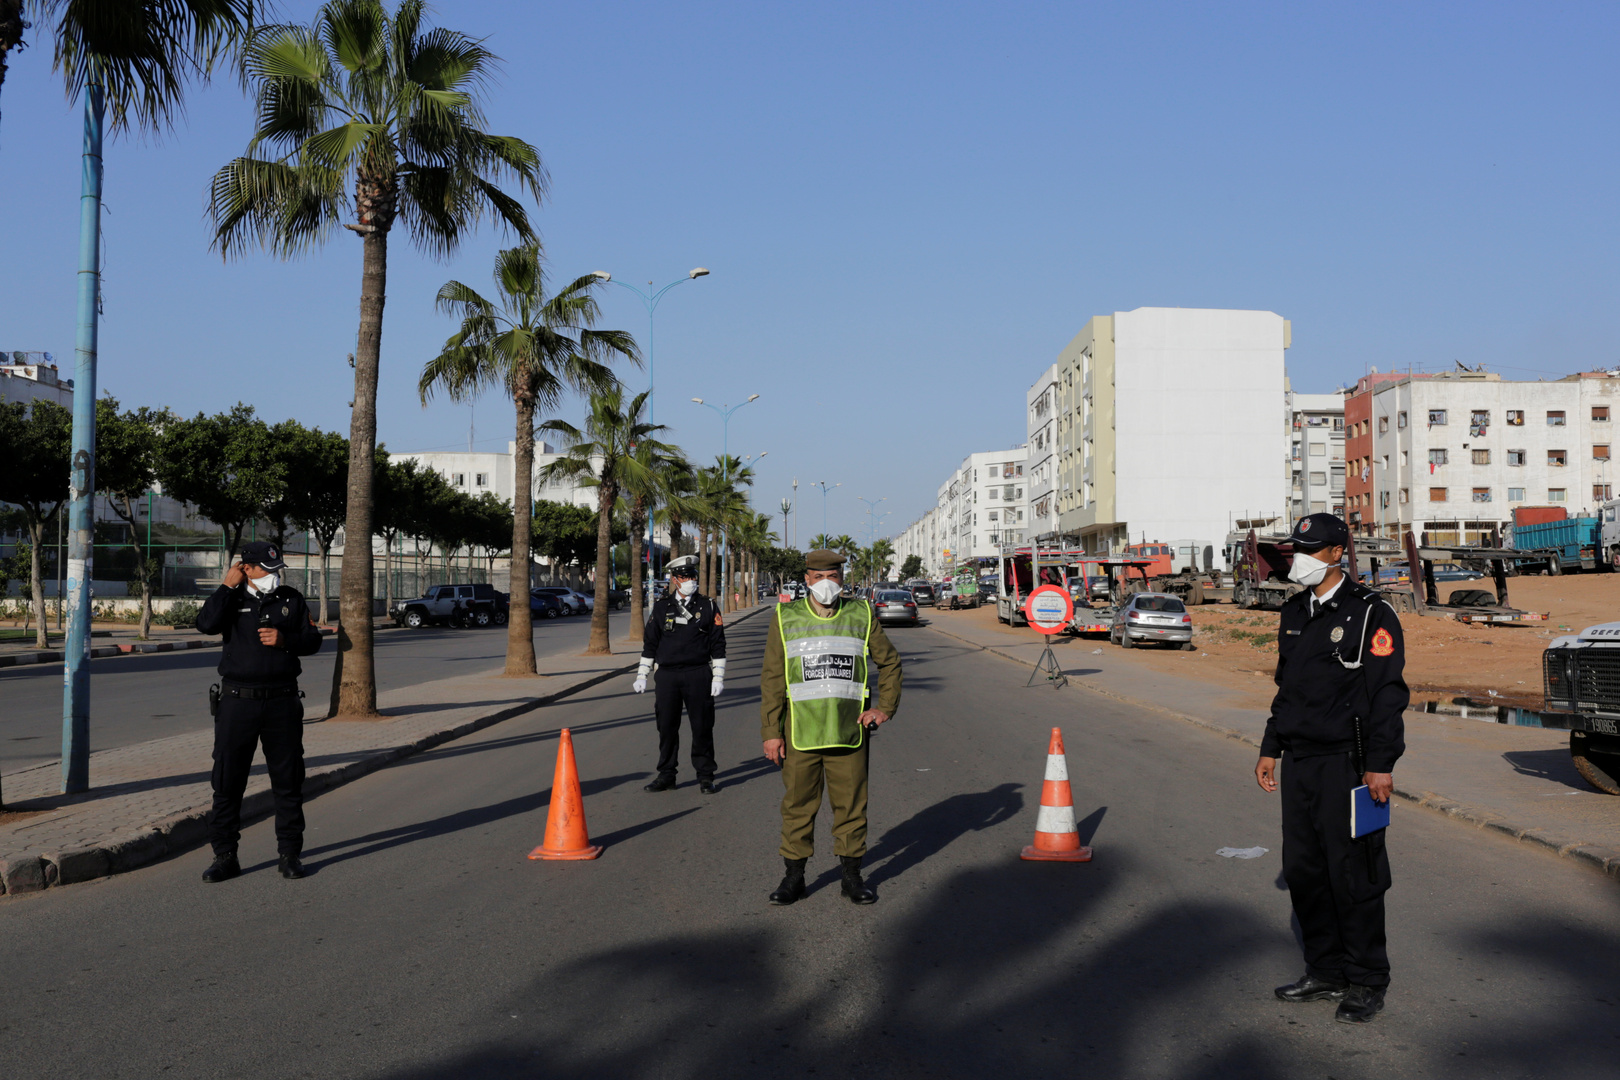 المغرب.. إحباط عملية تهريب حوالي 2.5 طن من